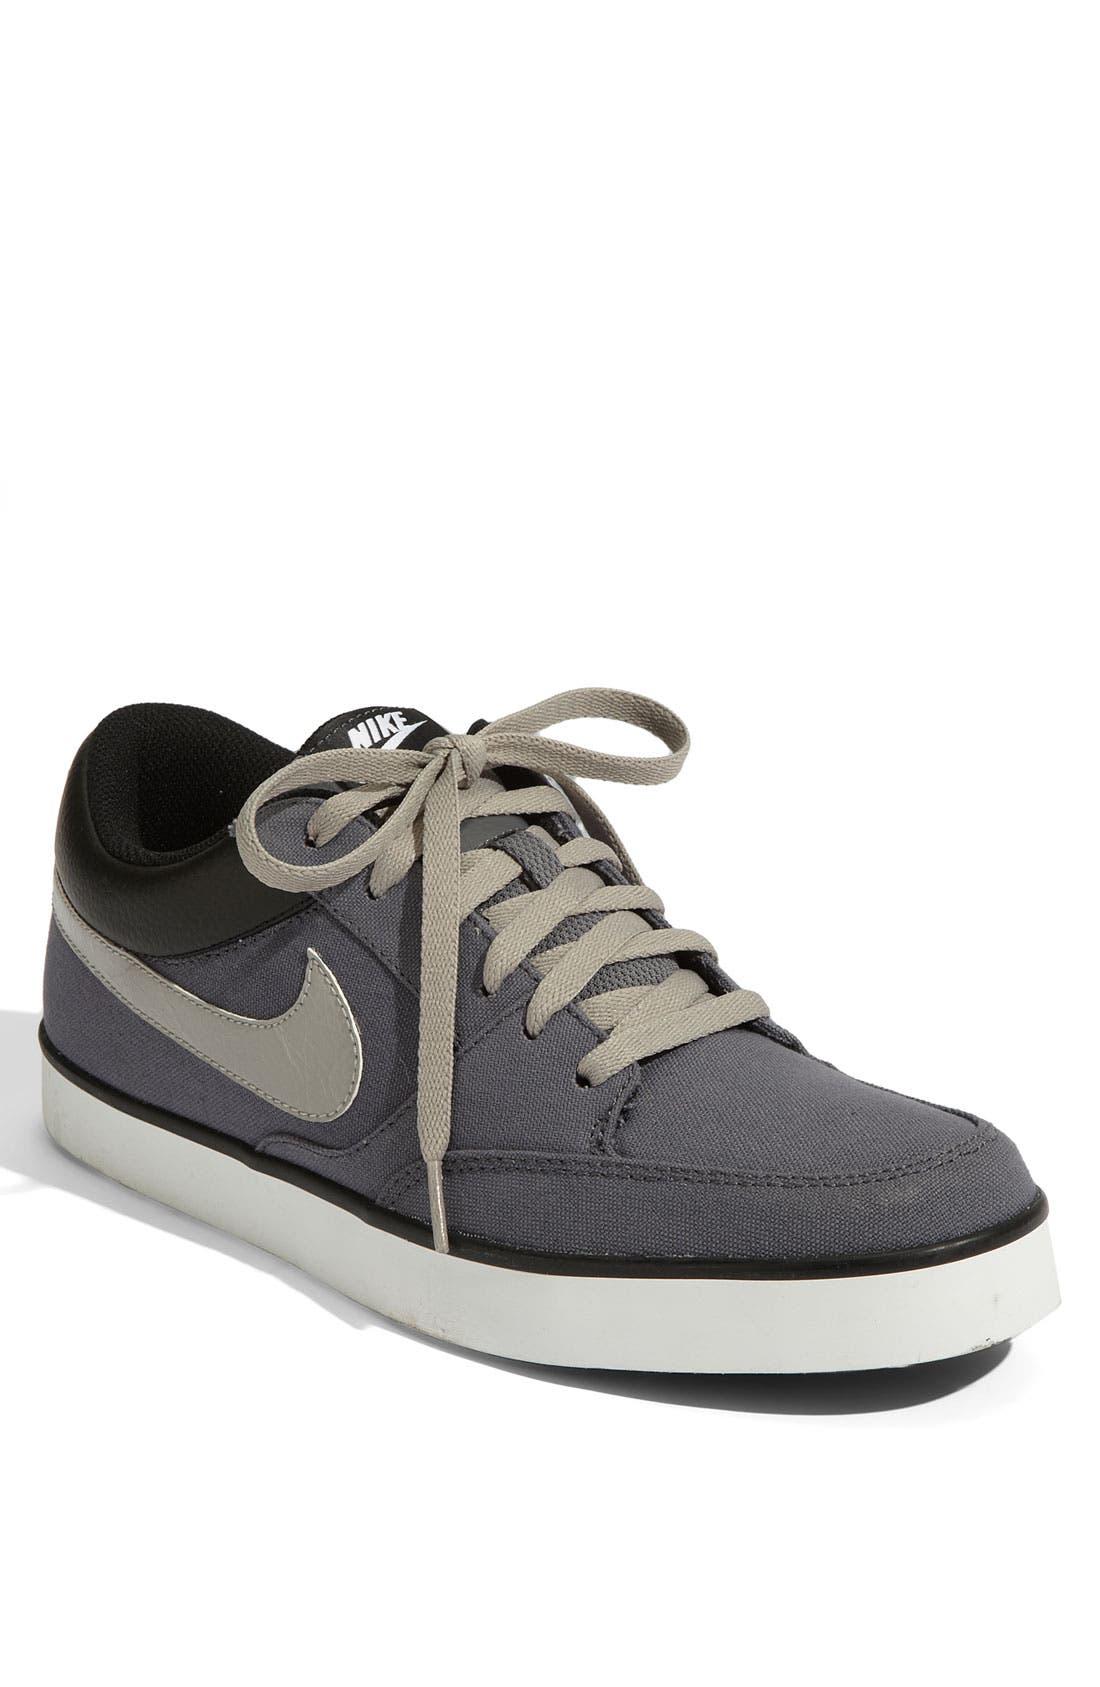 NIKE 'Avid' Sneaker, Main, color, 002